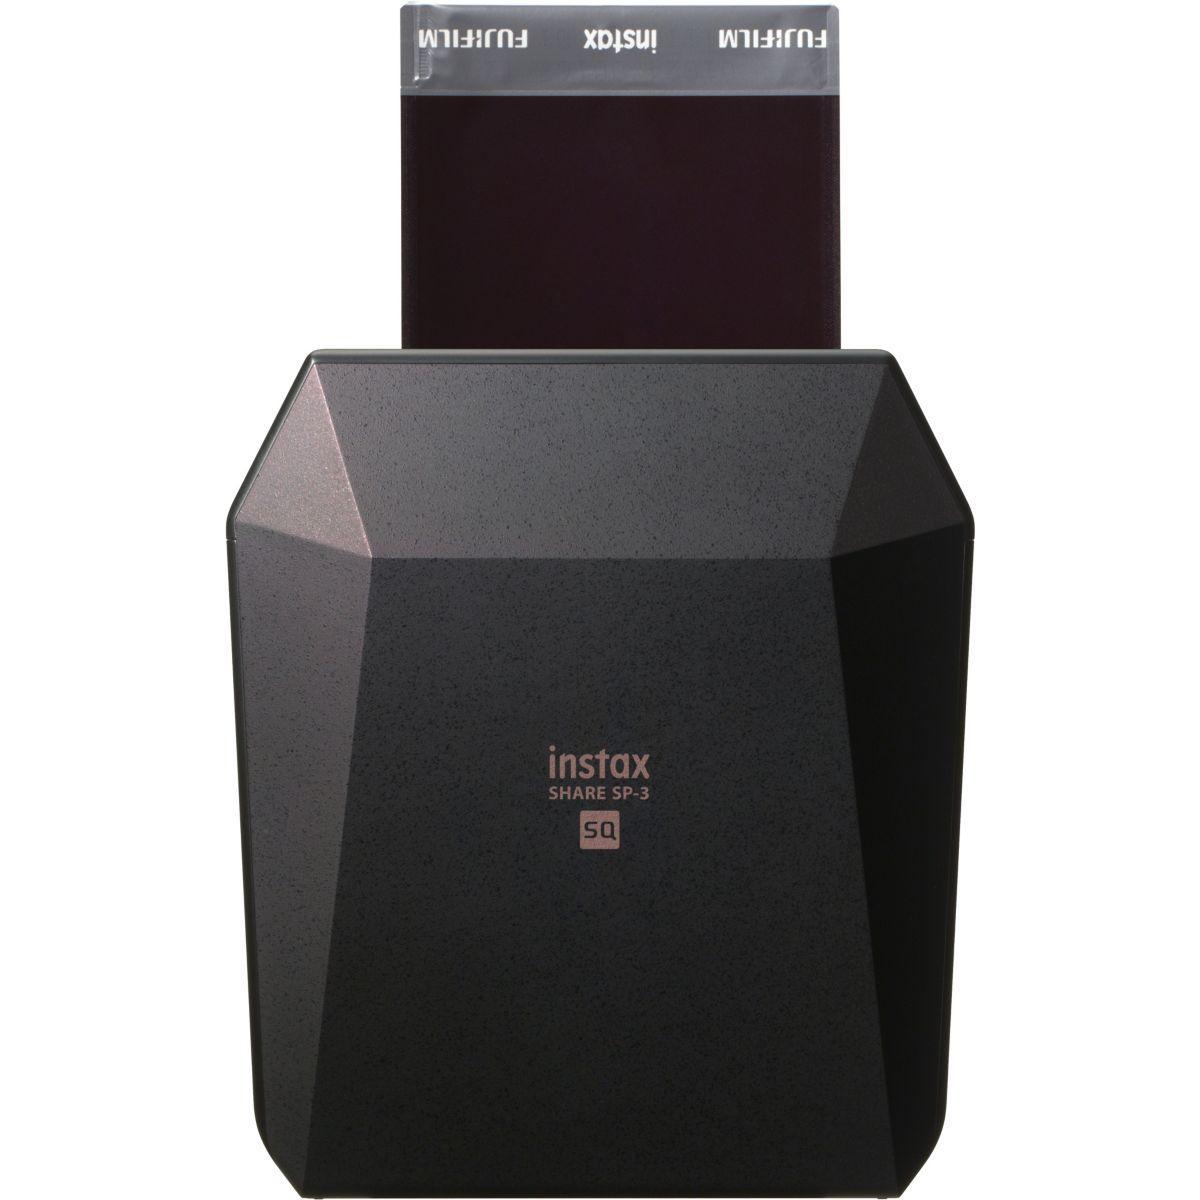 Impr. fuji instax share sp-3 noir - 5% de remise imm�diate avec le code : paques5 (photo)